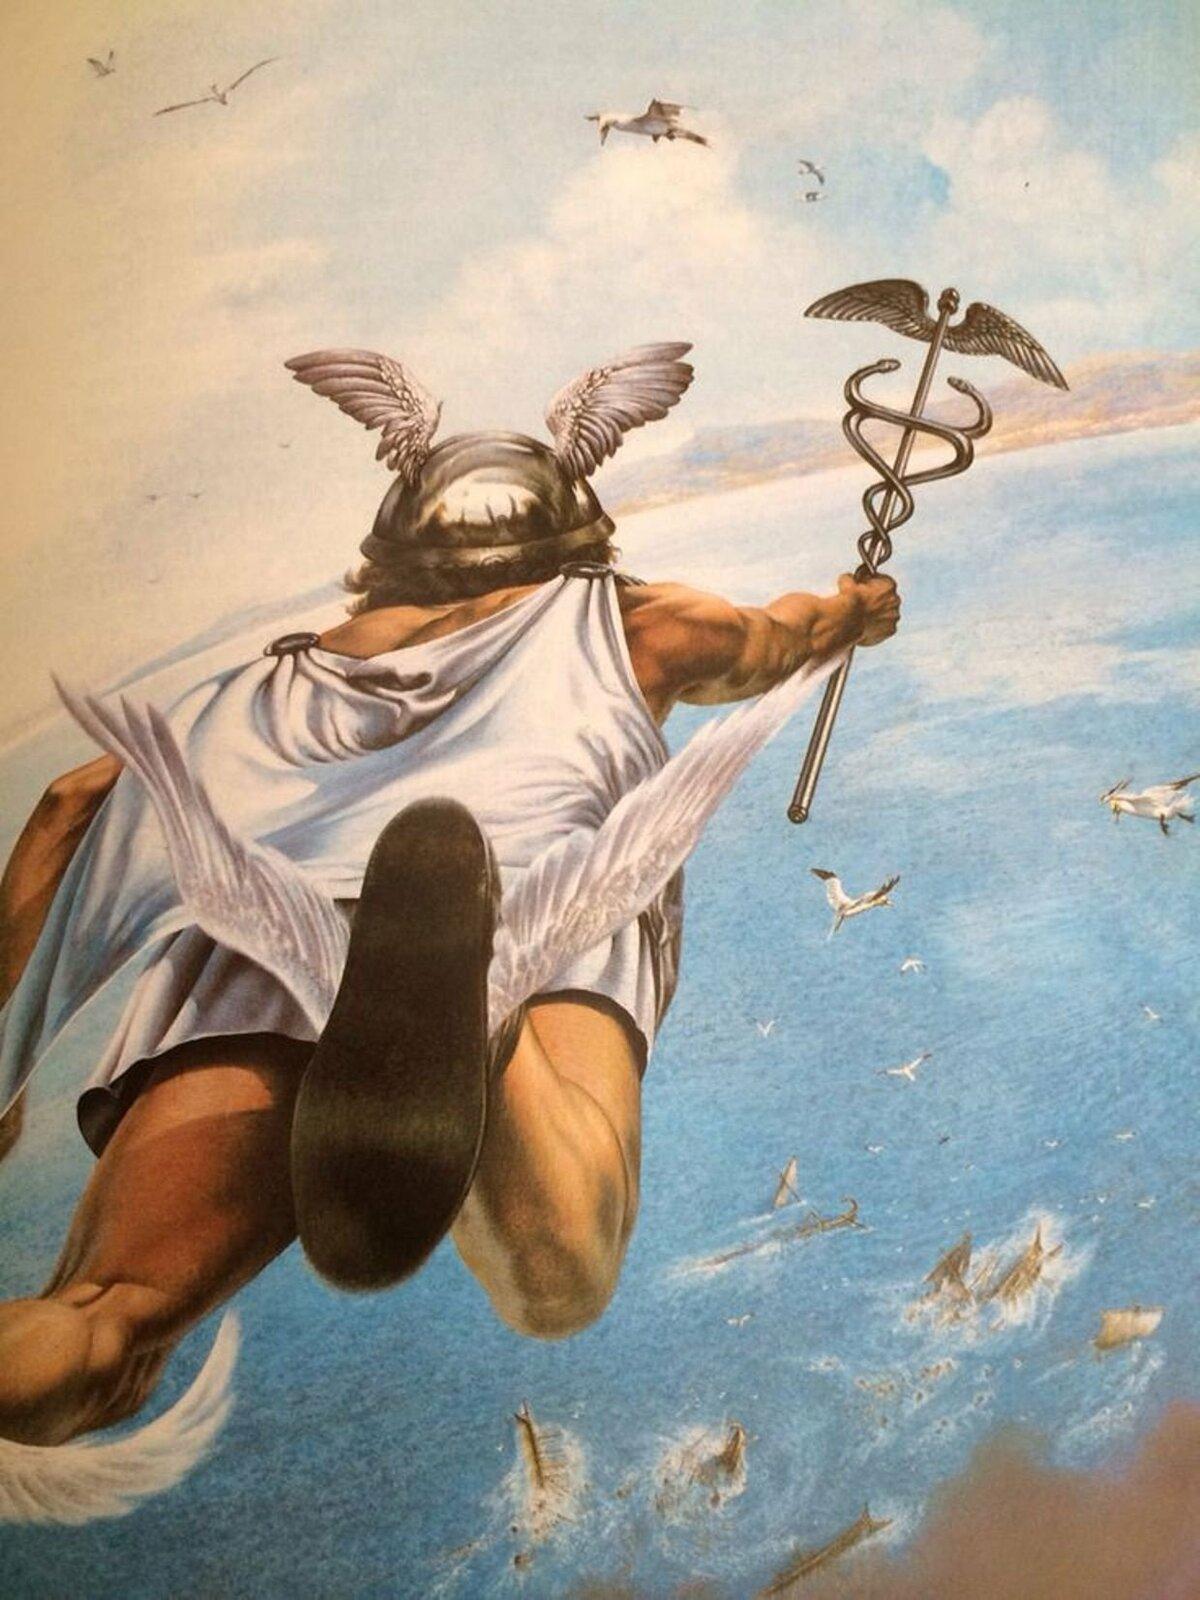 древнегреческий бог гермес картинки наводить порядок